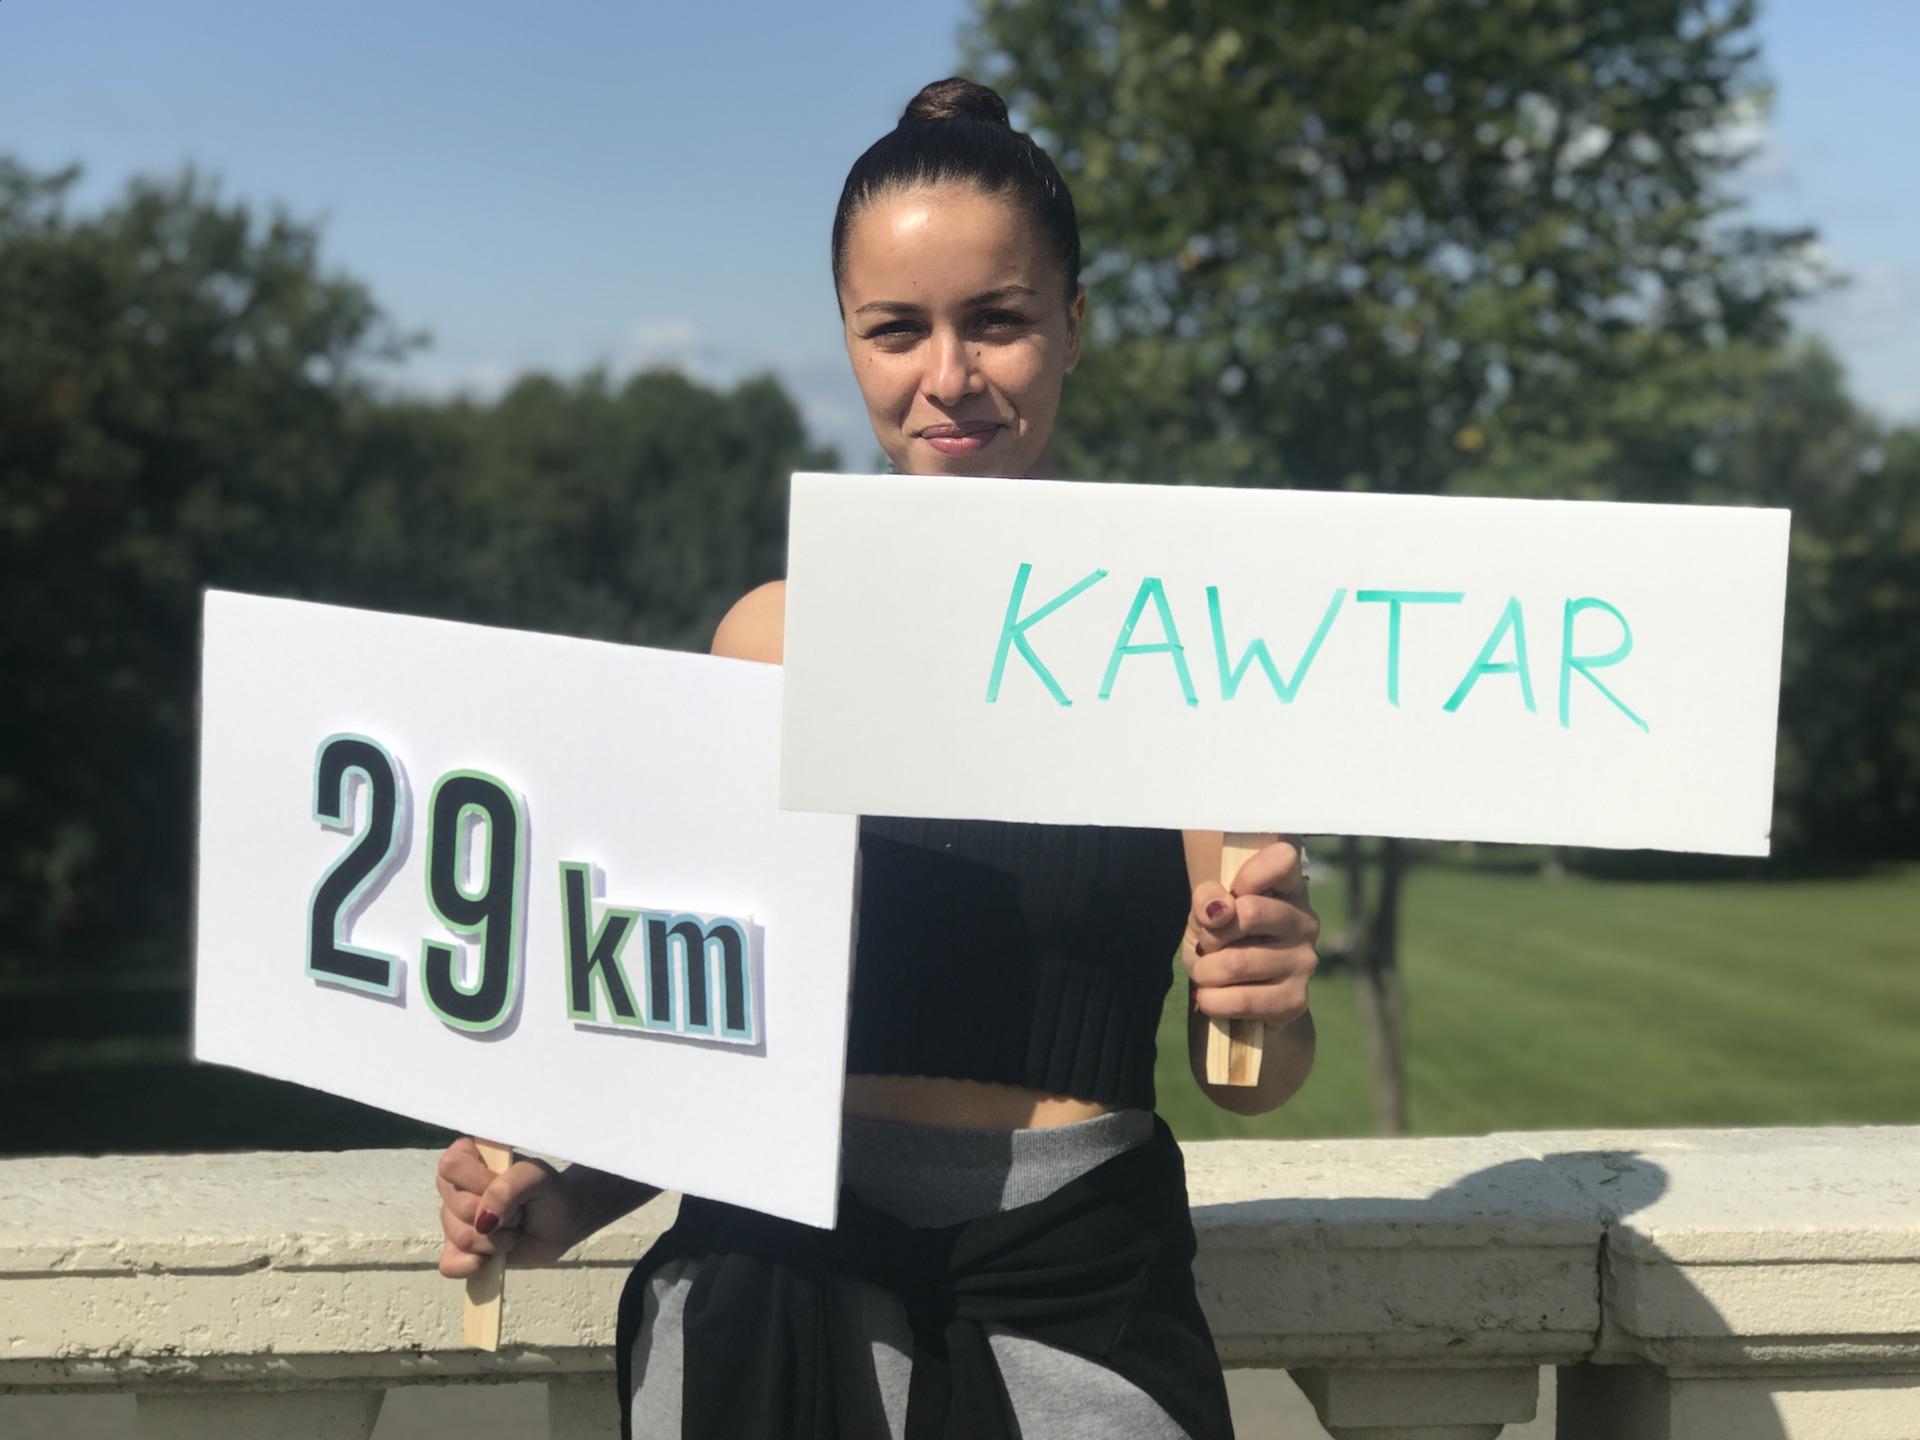 Kawtar 29 km